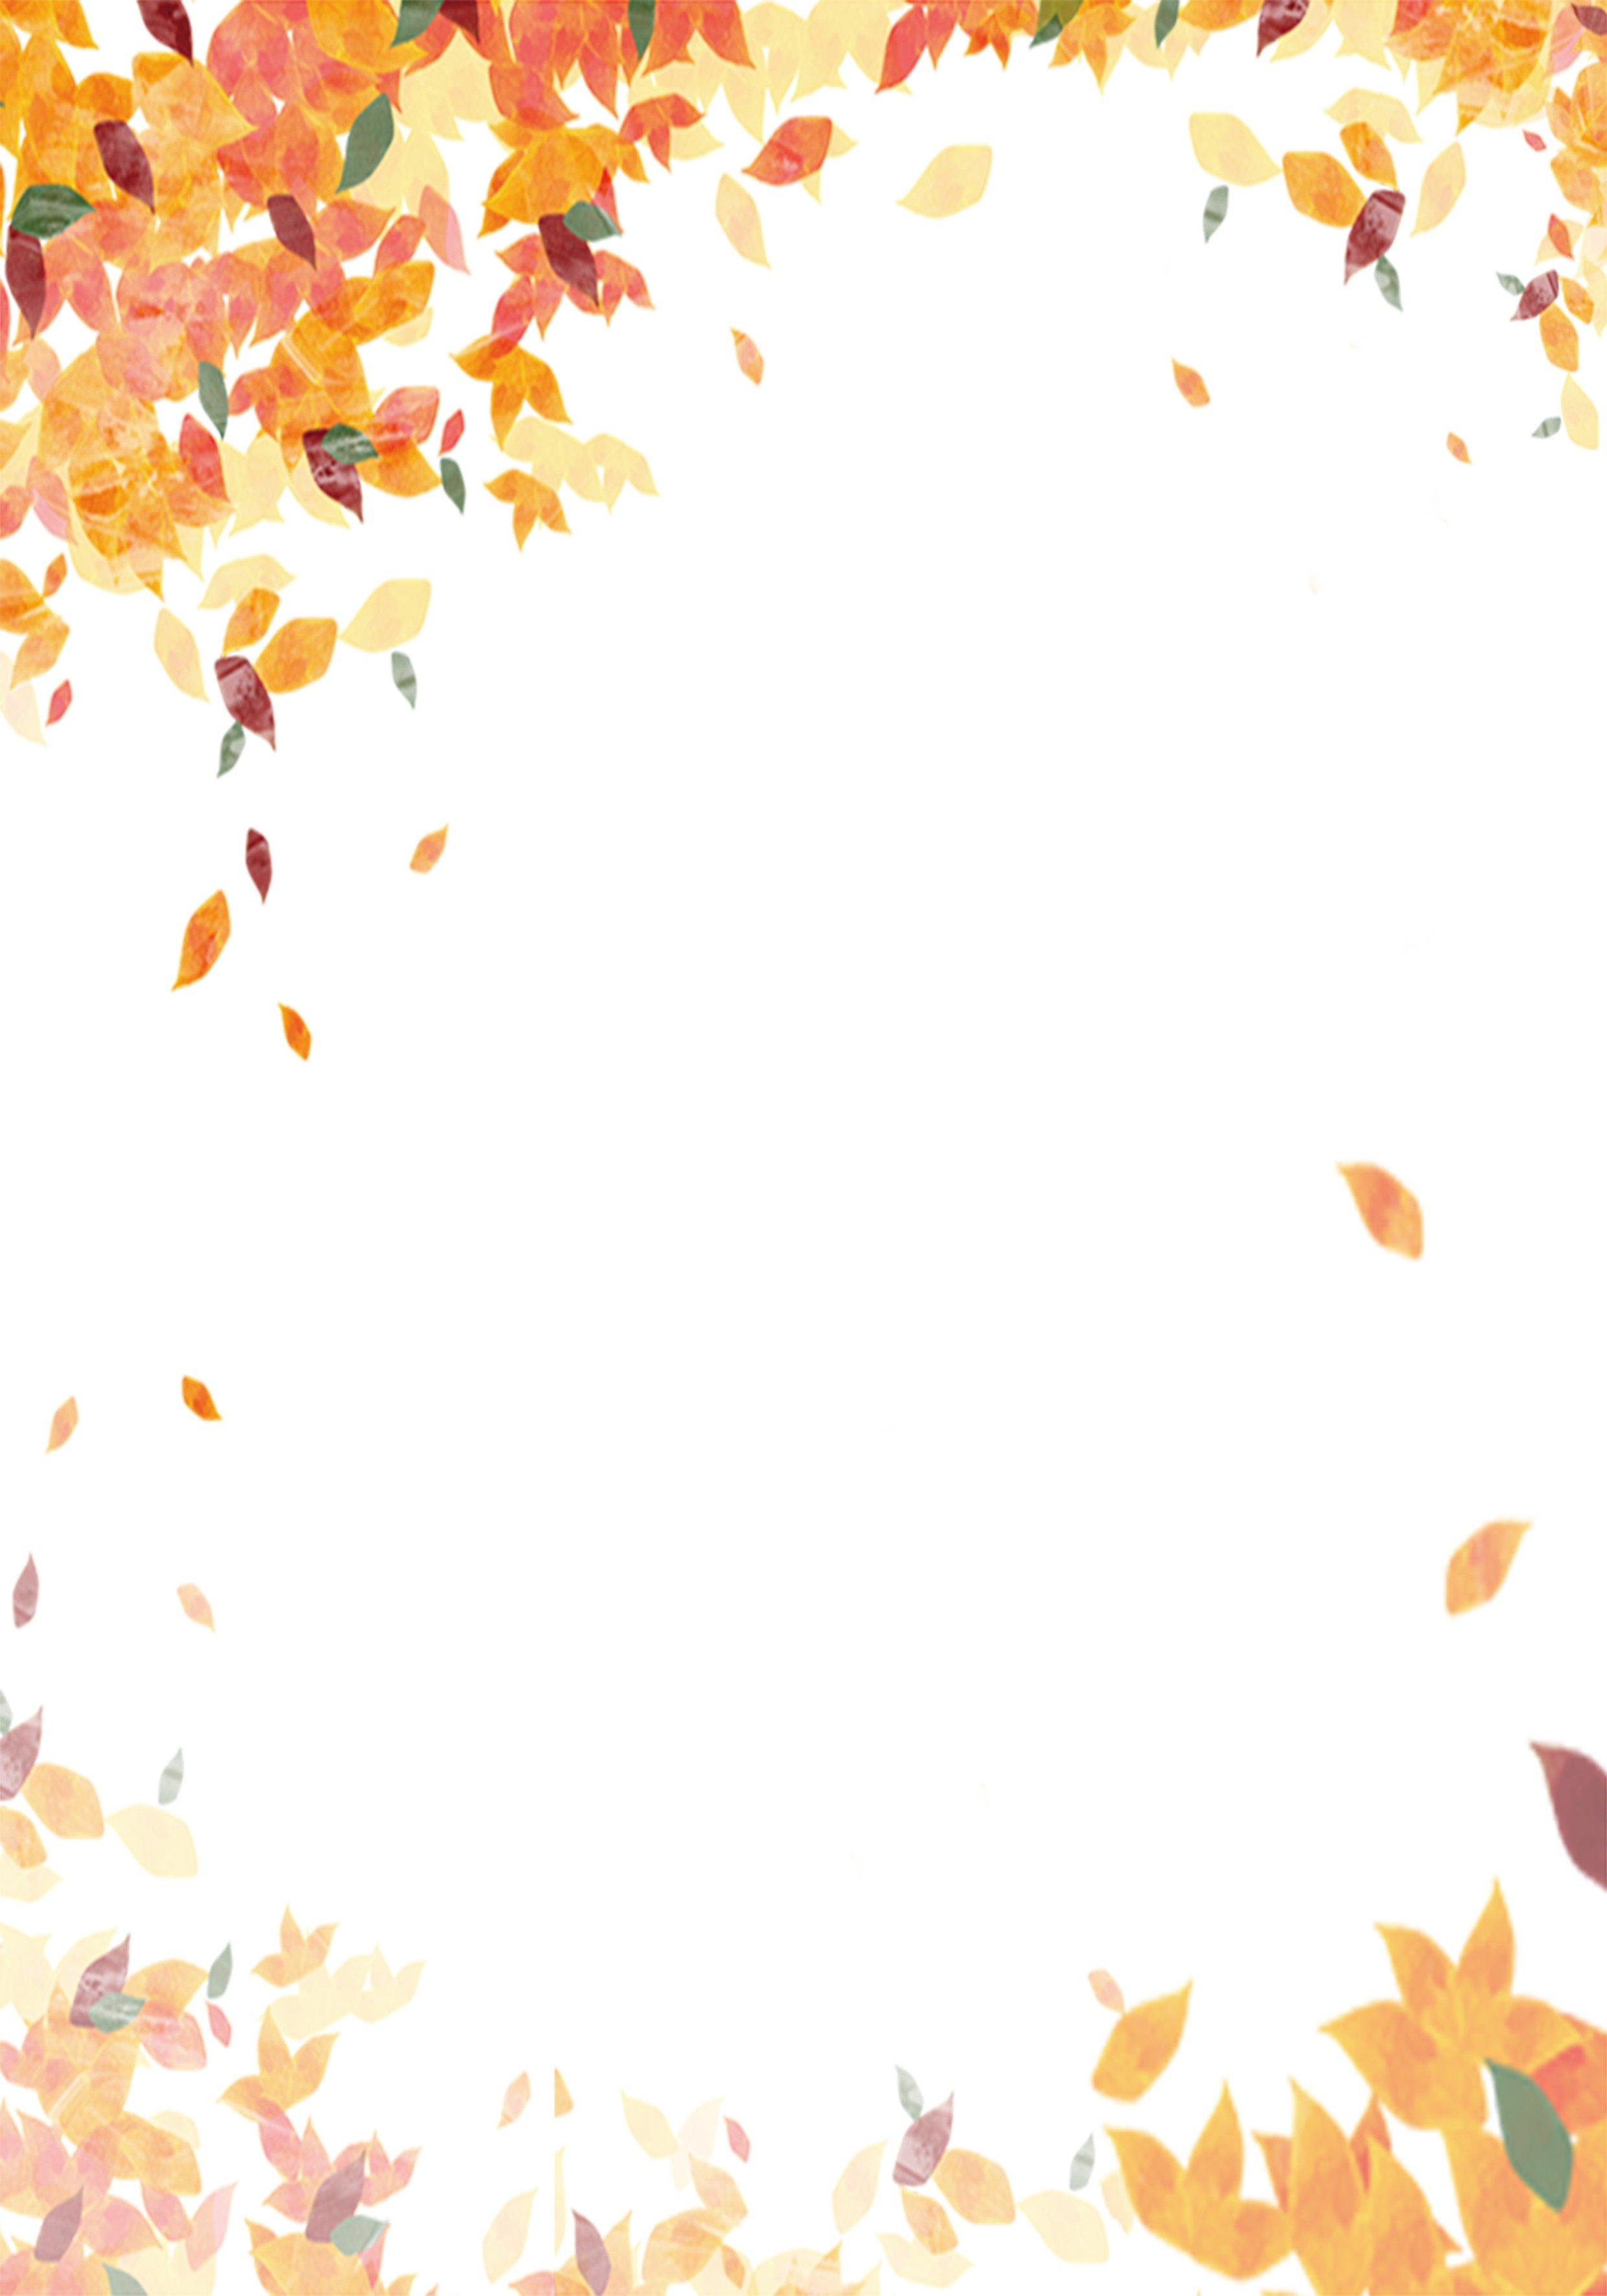 осенние листья картинки для оформления презентации сатен лучше всего